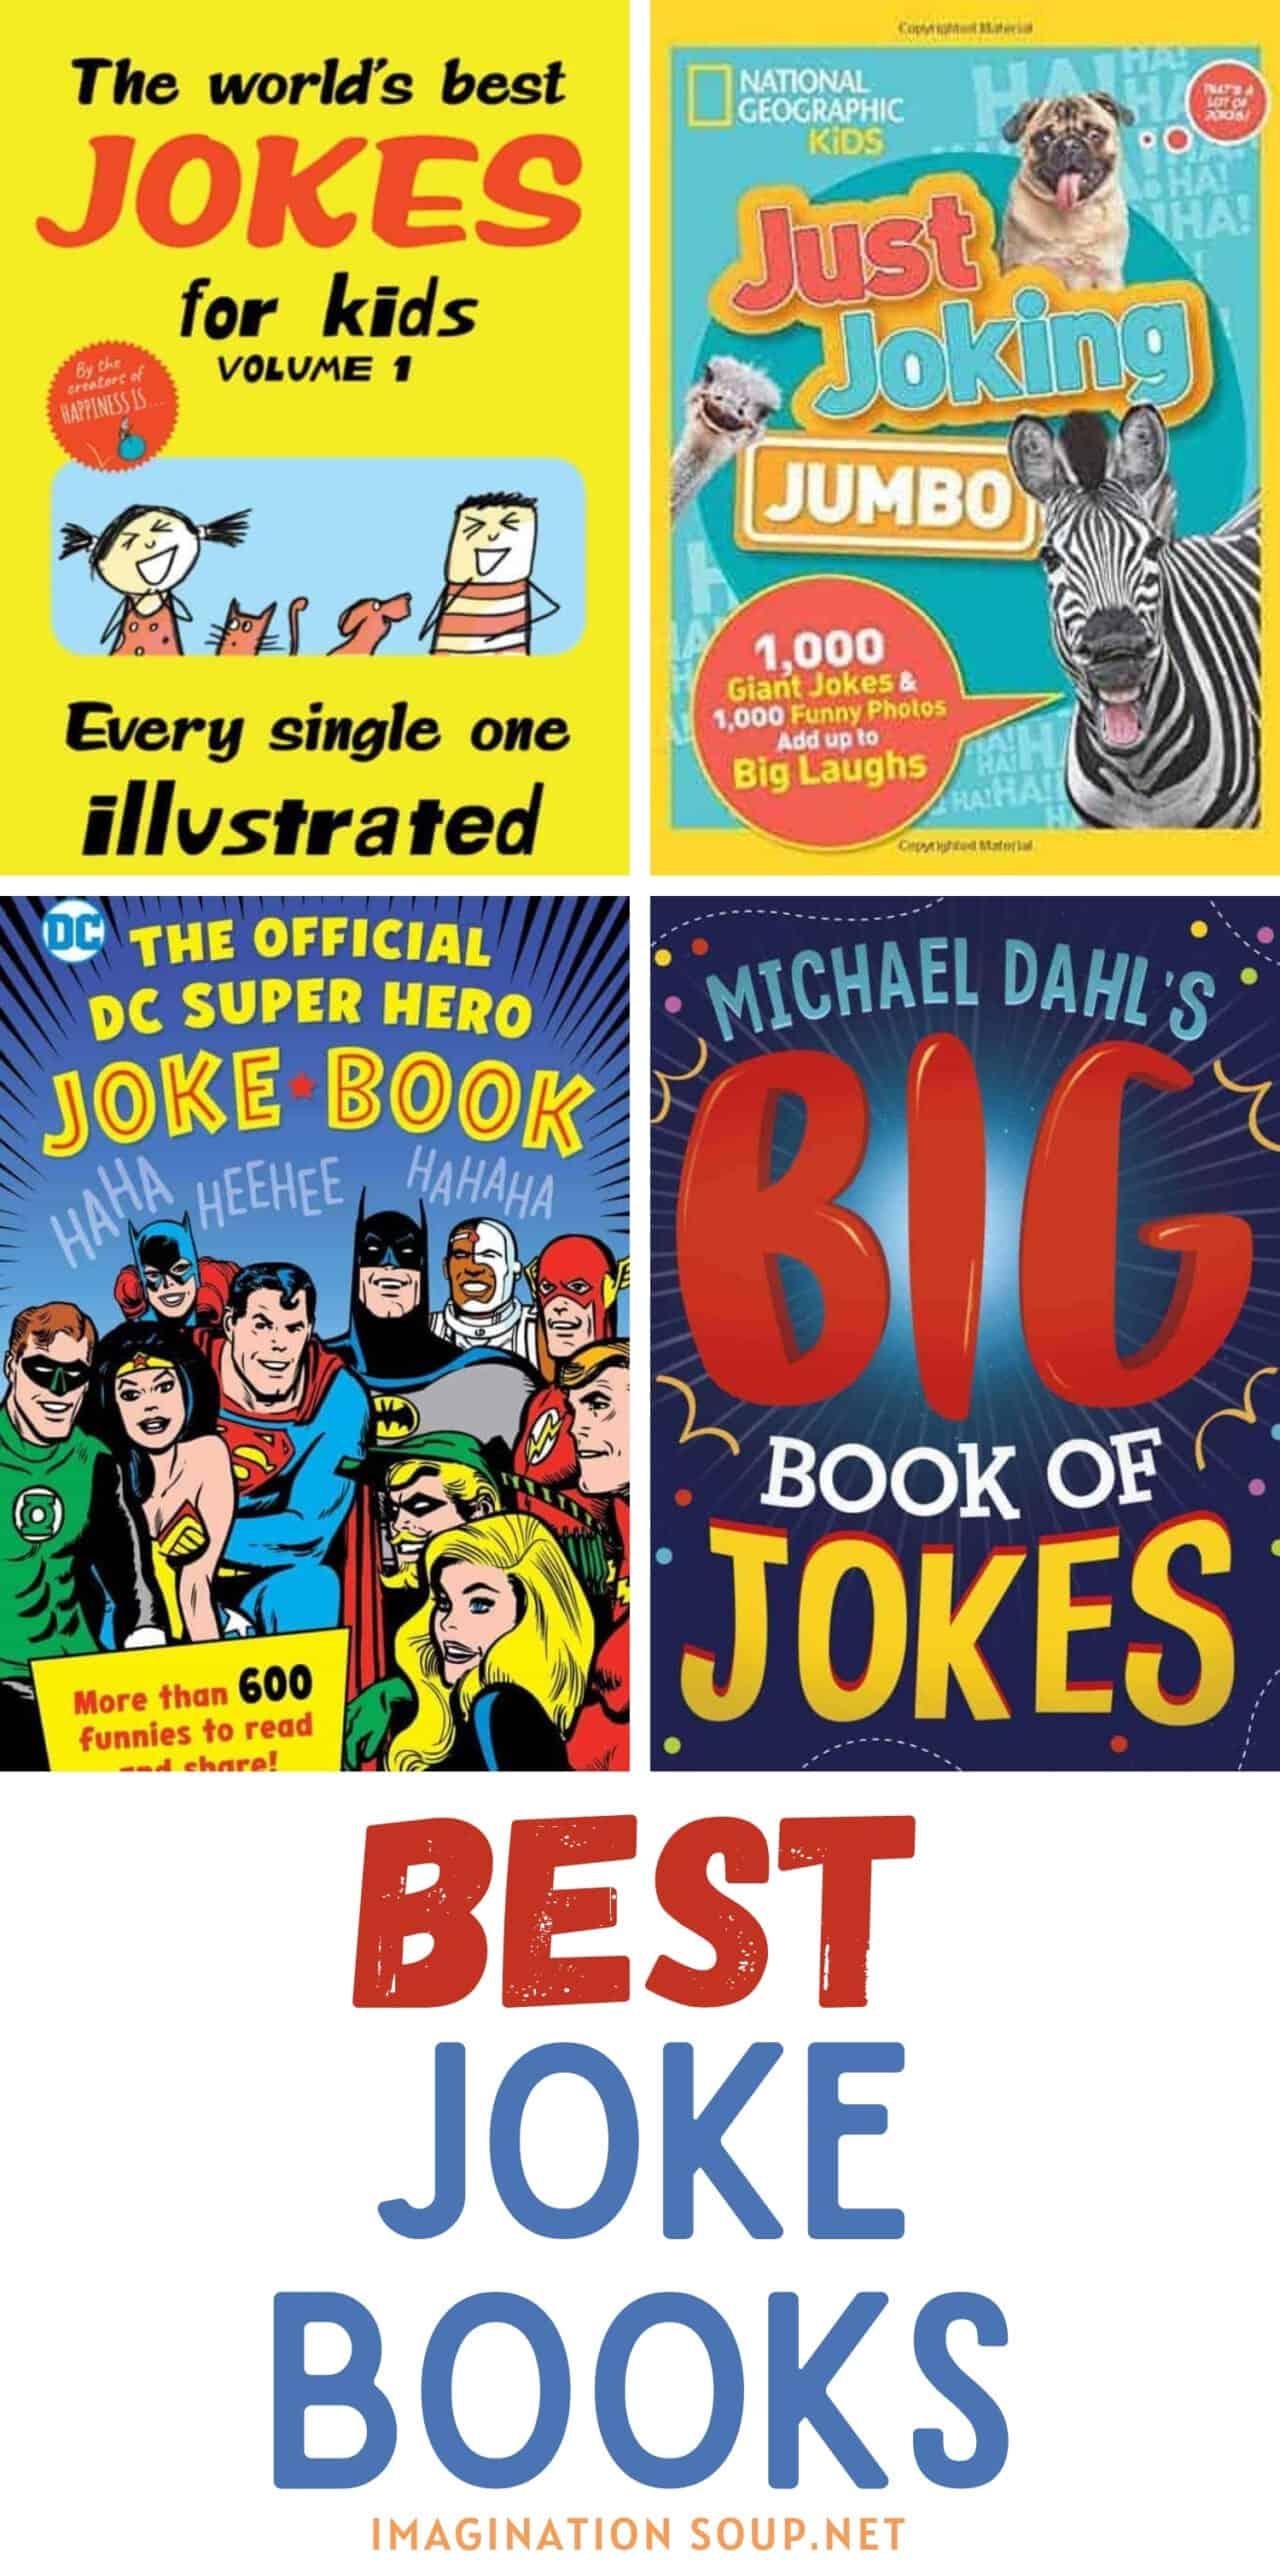 best joke books for kids